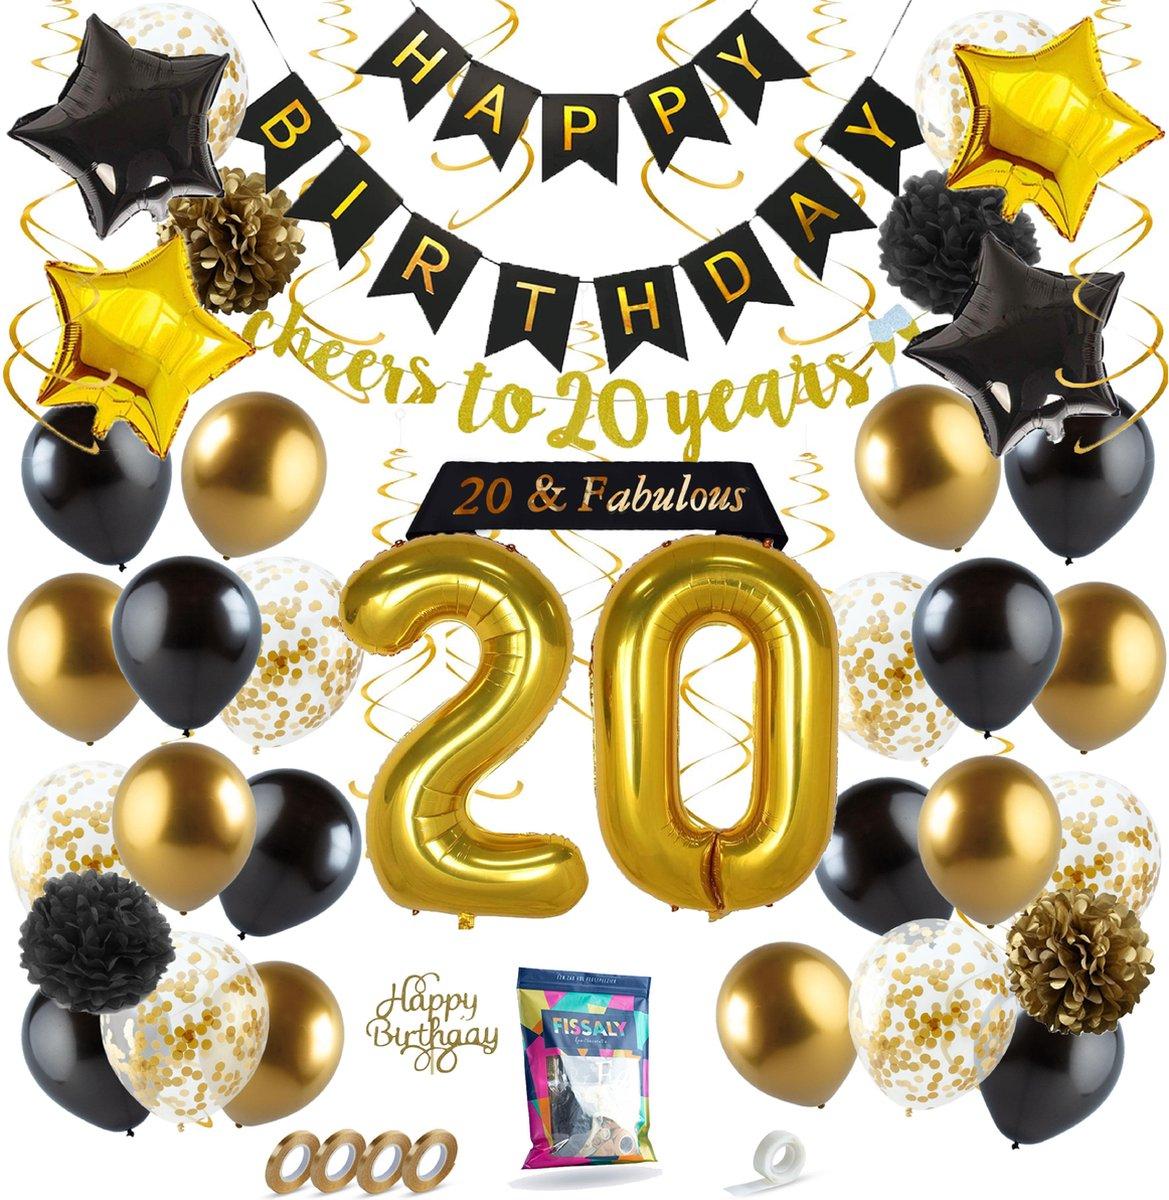 Fissaly 20 Jaar Verjaardag Decoratie Versiering Ballonnen Jubileum Man Vrouw Zwart En Goud Kopen Gadgethouse